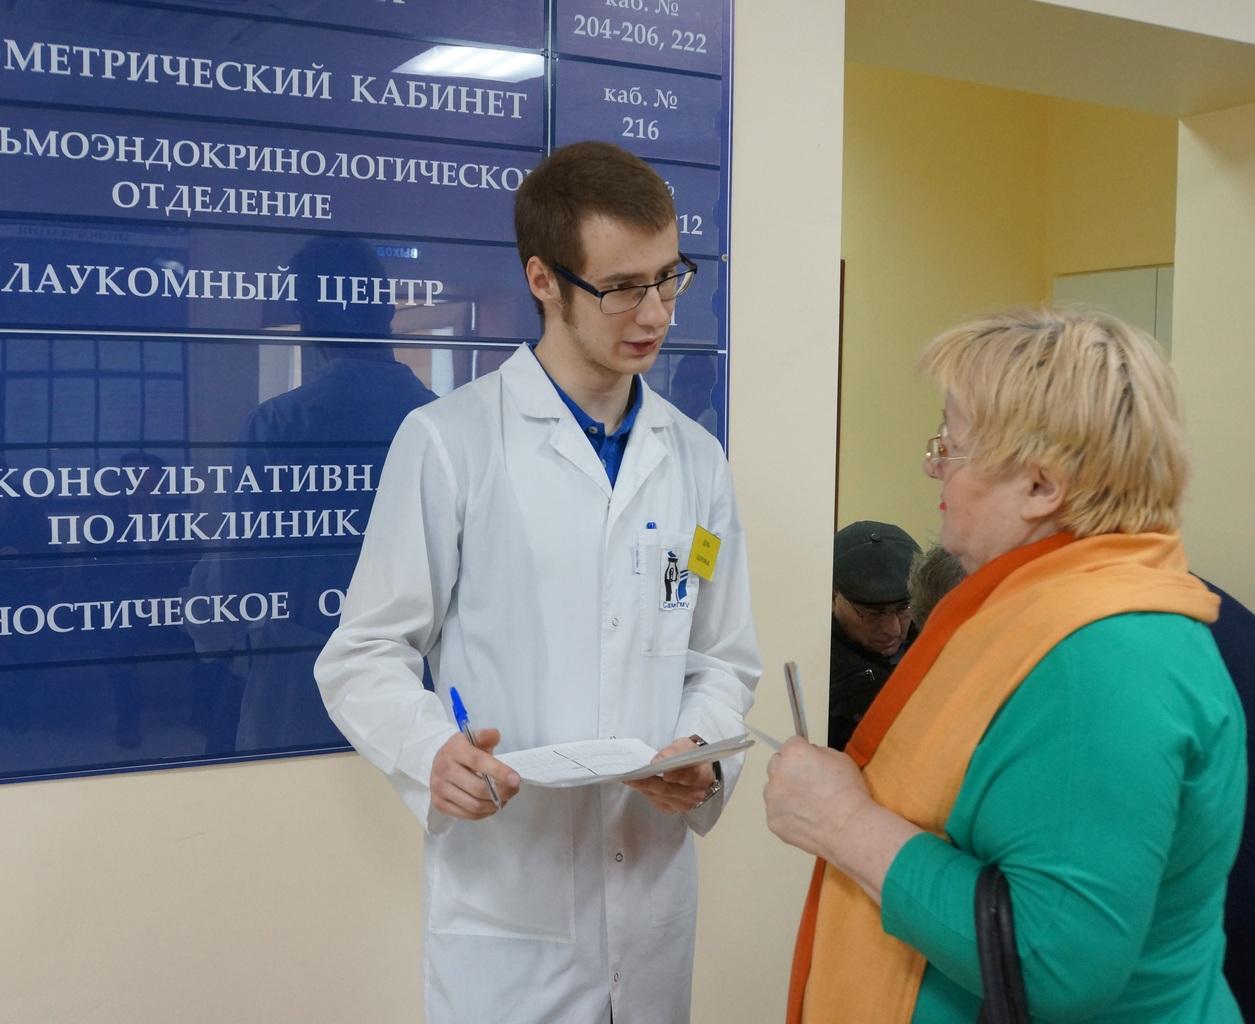 Краснодар записаться на прием к врачу поликлиника 16 краснодар официальный сайт